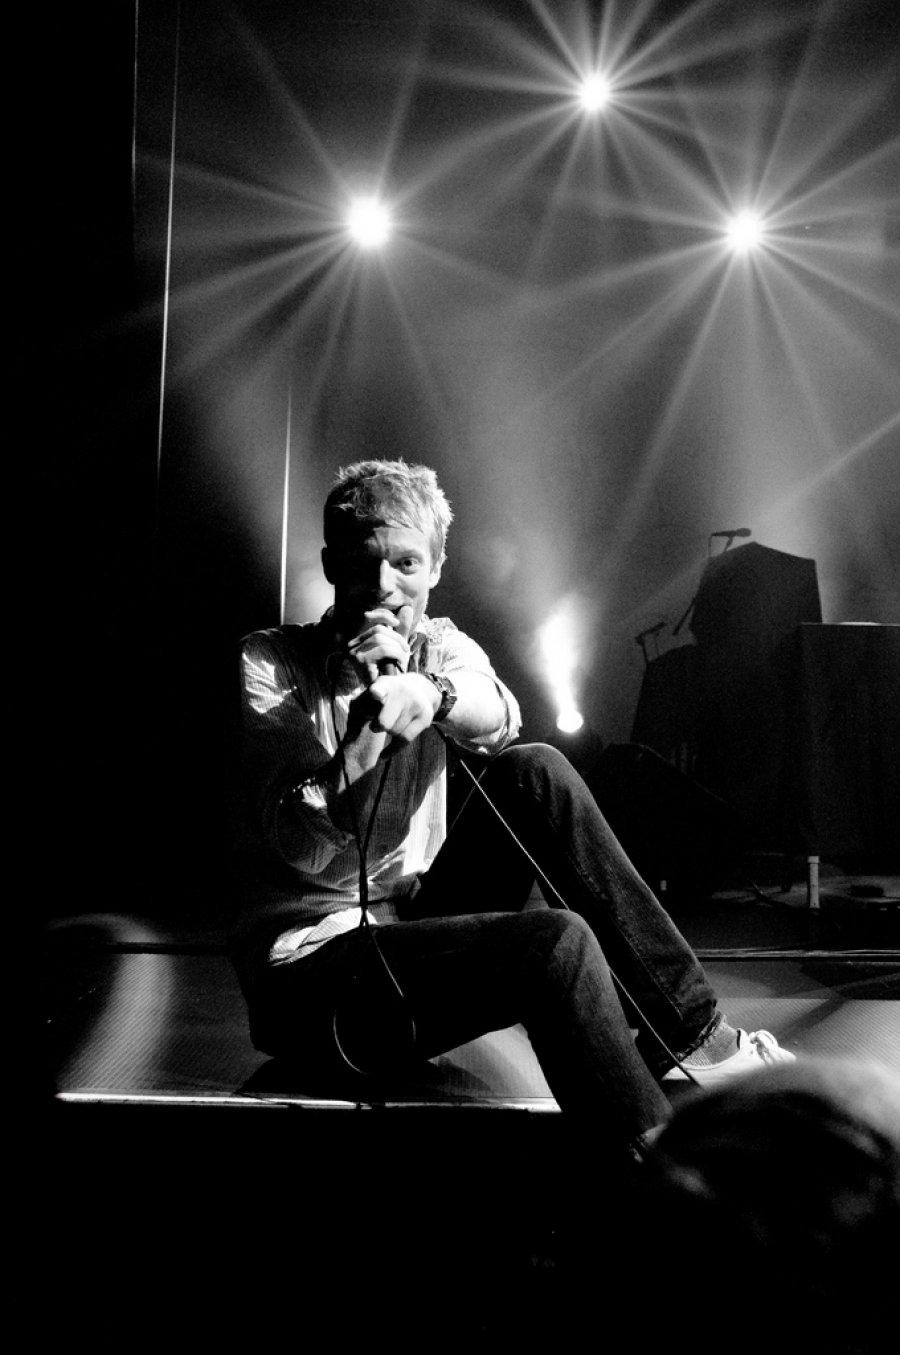 Indie-rapper z USA Astronautalis, vystúpi v štyroch slovenských mestách